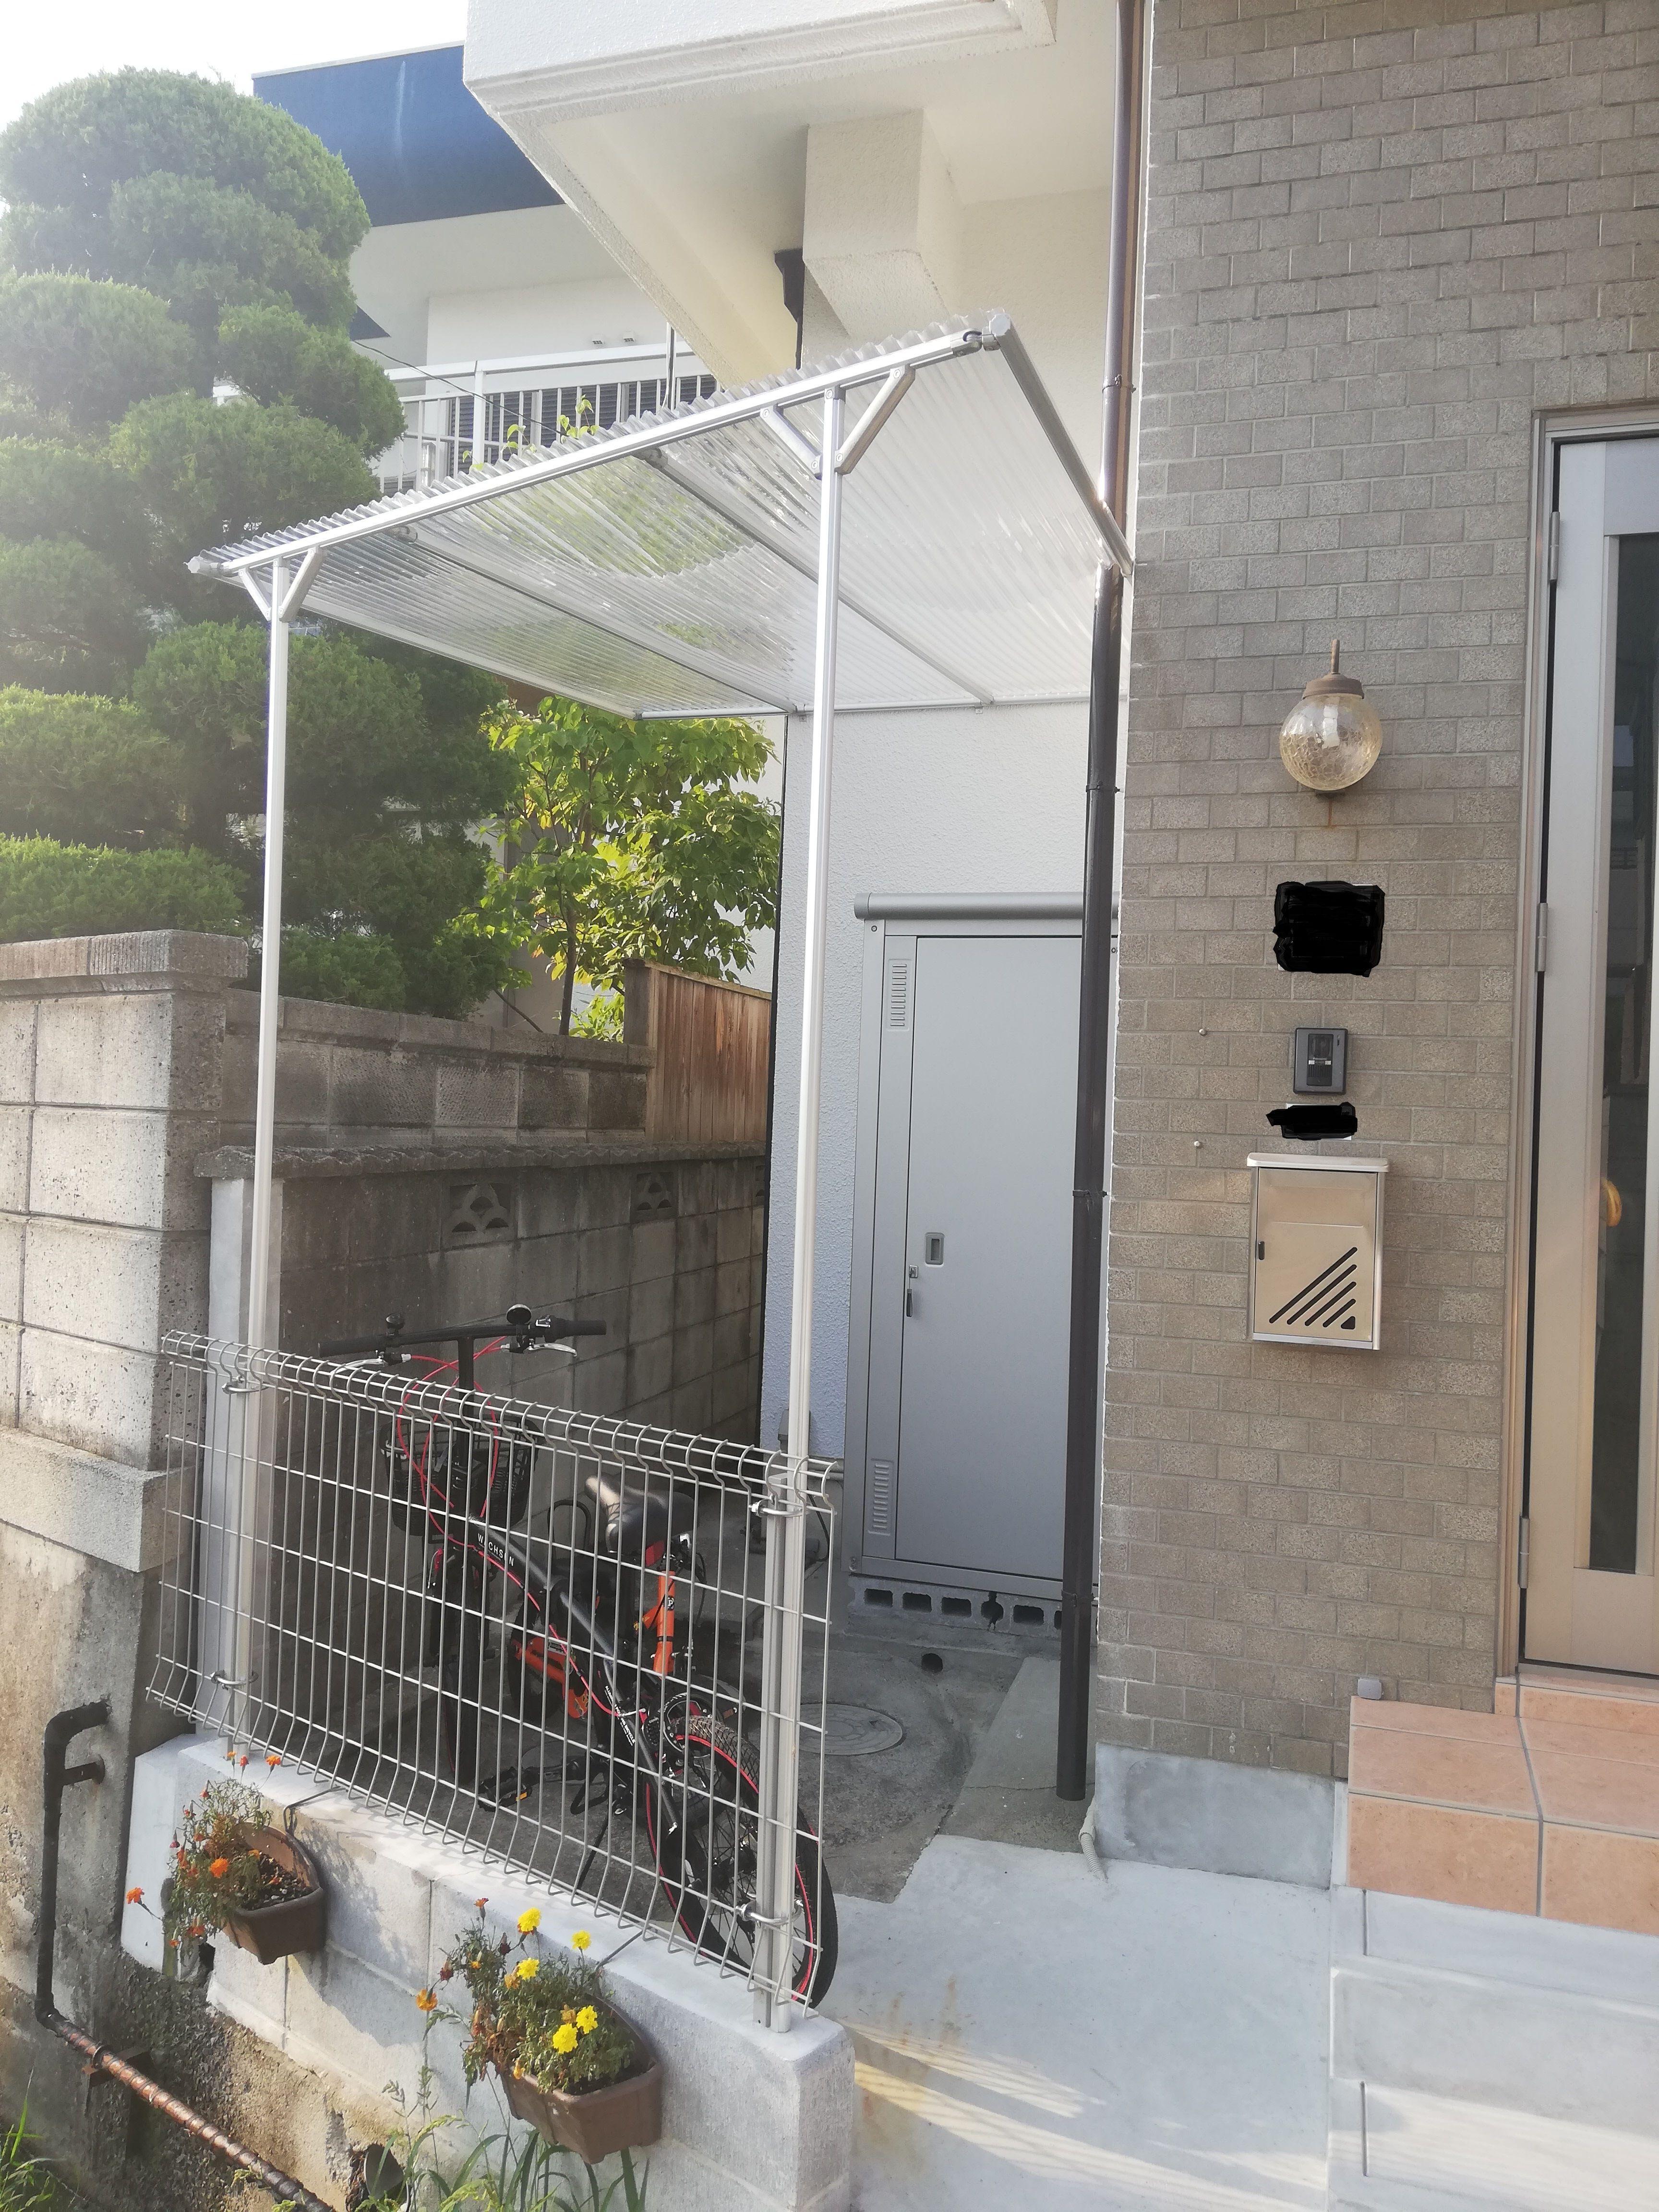 共同diy 隙間スペースを屋根付き自転車小屋に有効活用 屋根 Diy